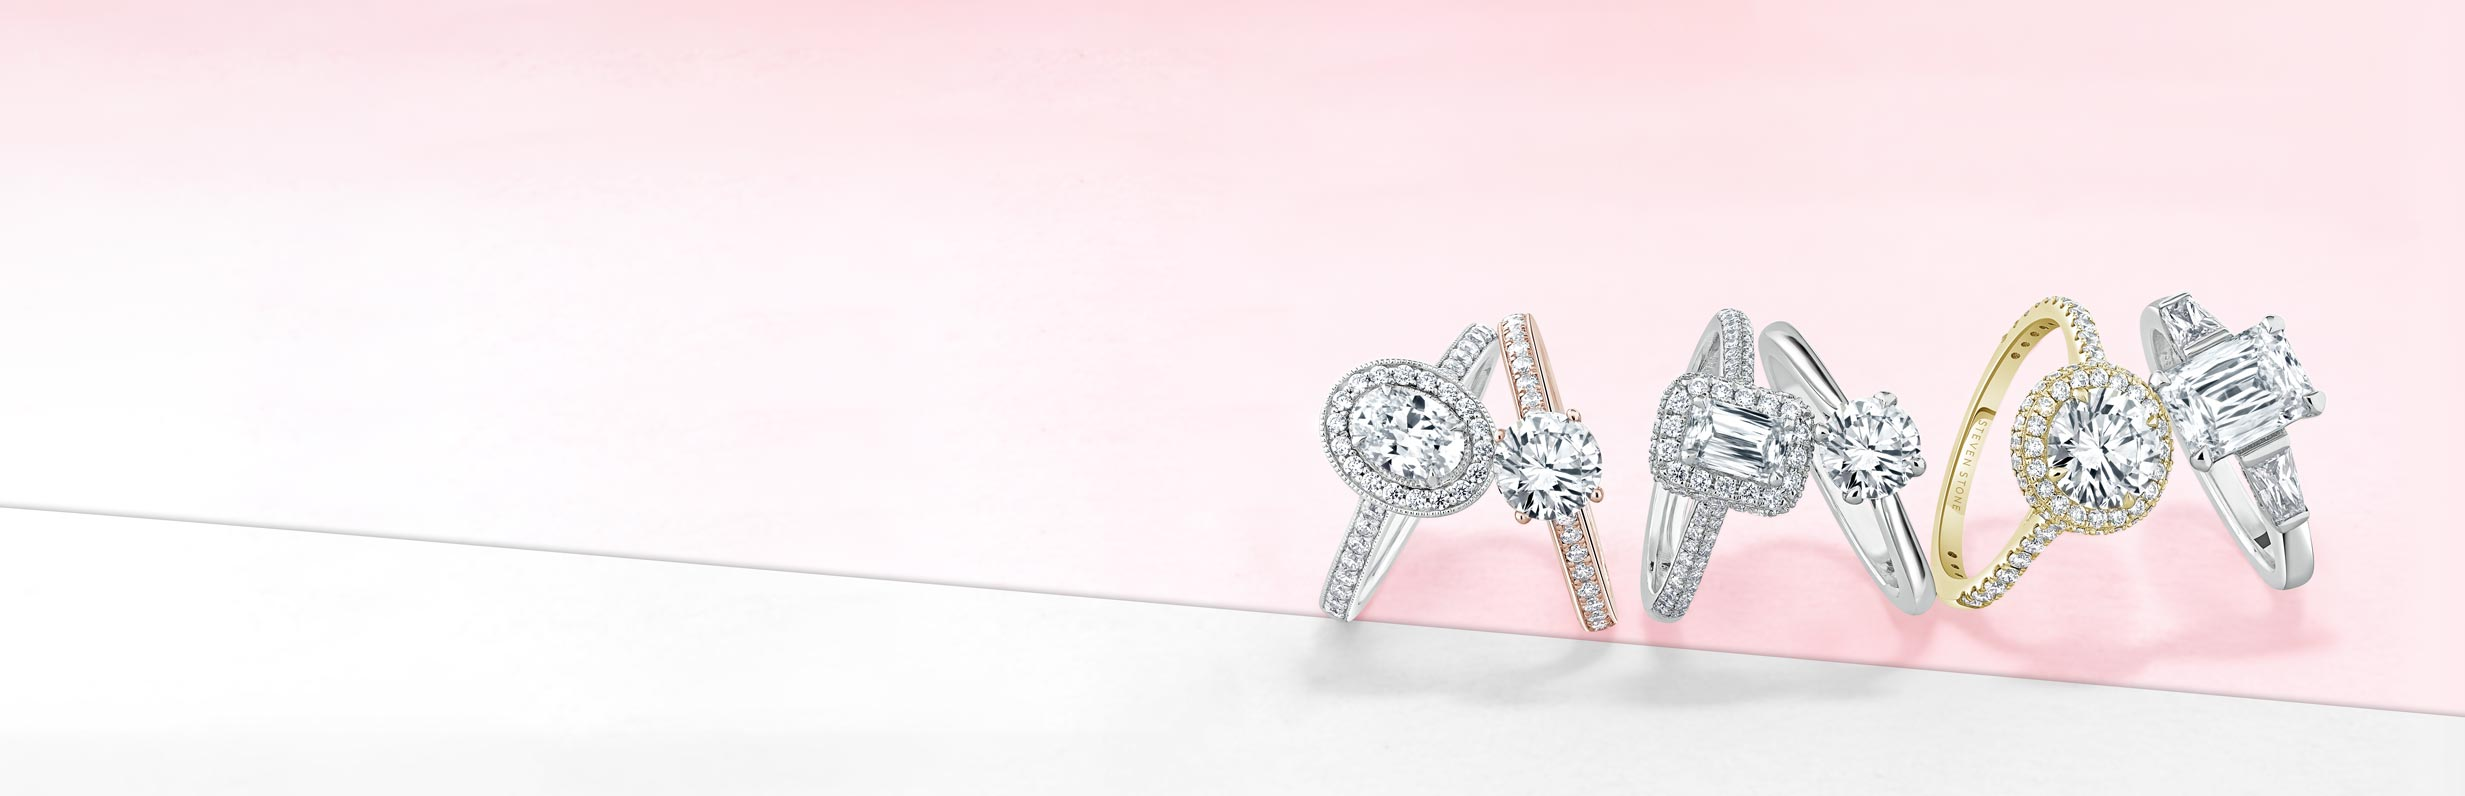 Rose gold engagement rings - Steven Stone